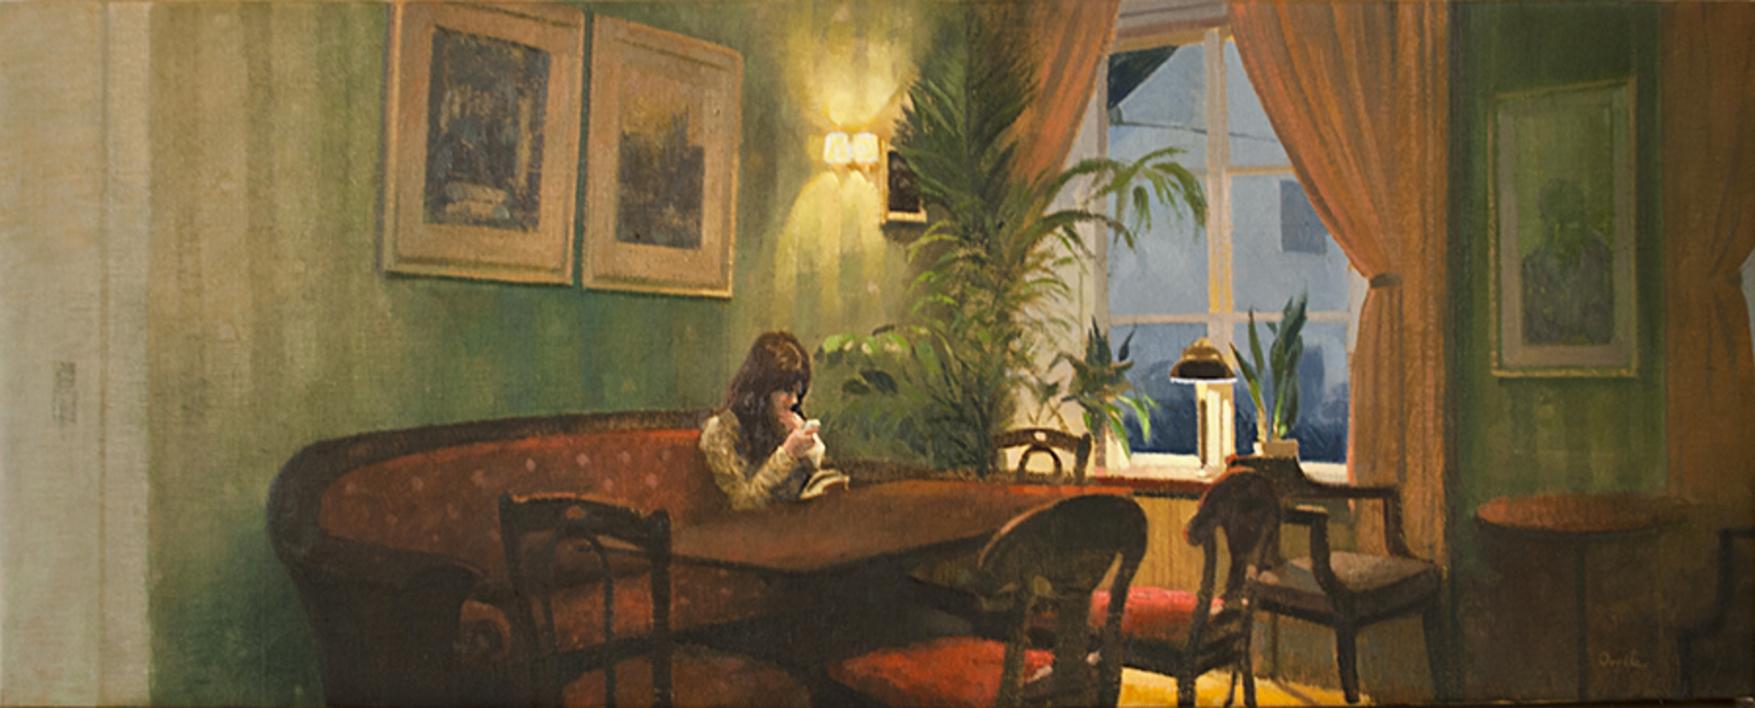 La hora del café |Pintura de Orrite | Compra arte en Flecha.es